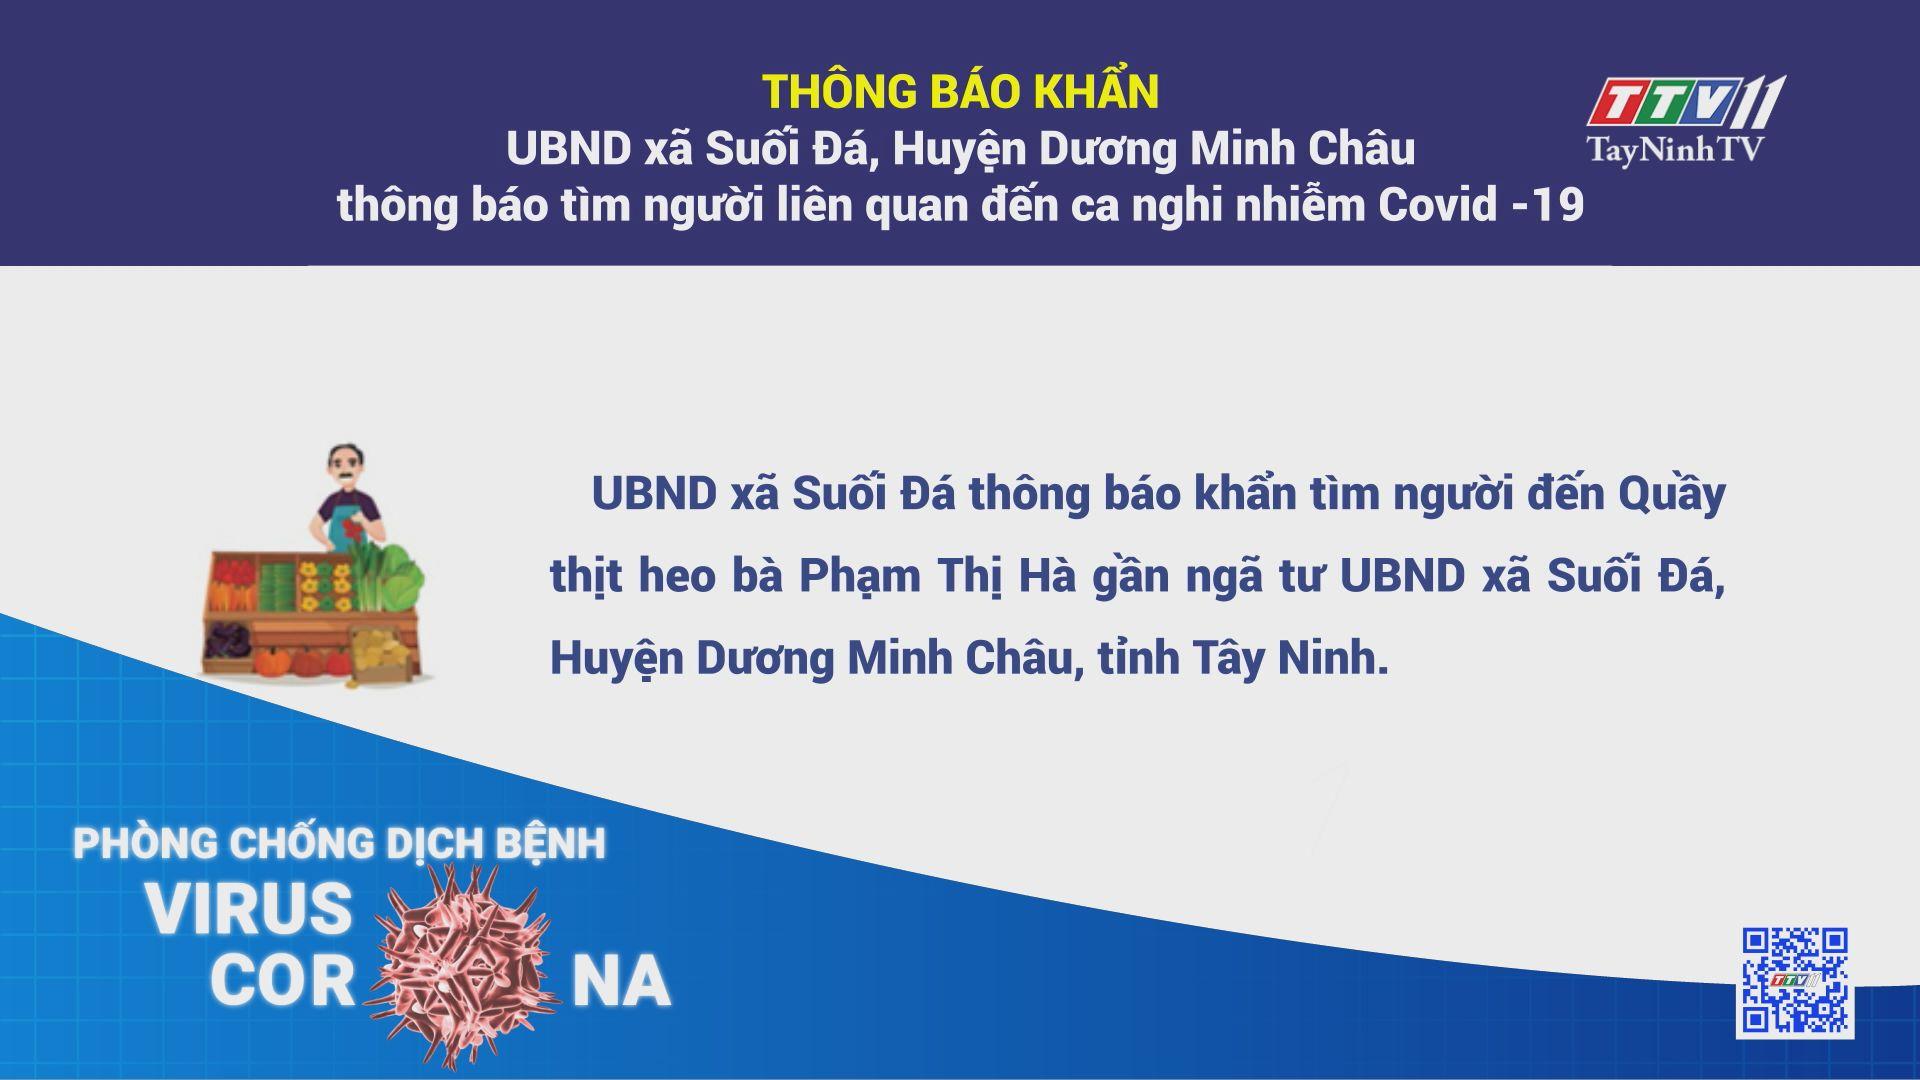 UBND xã Suối Đá, Huyện Dương Minh Châu thông báo tìm người liên quan đến ca nghi nhiễm Covid -19 | TayNinhTV